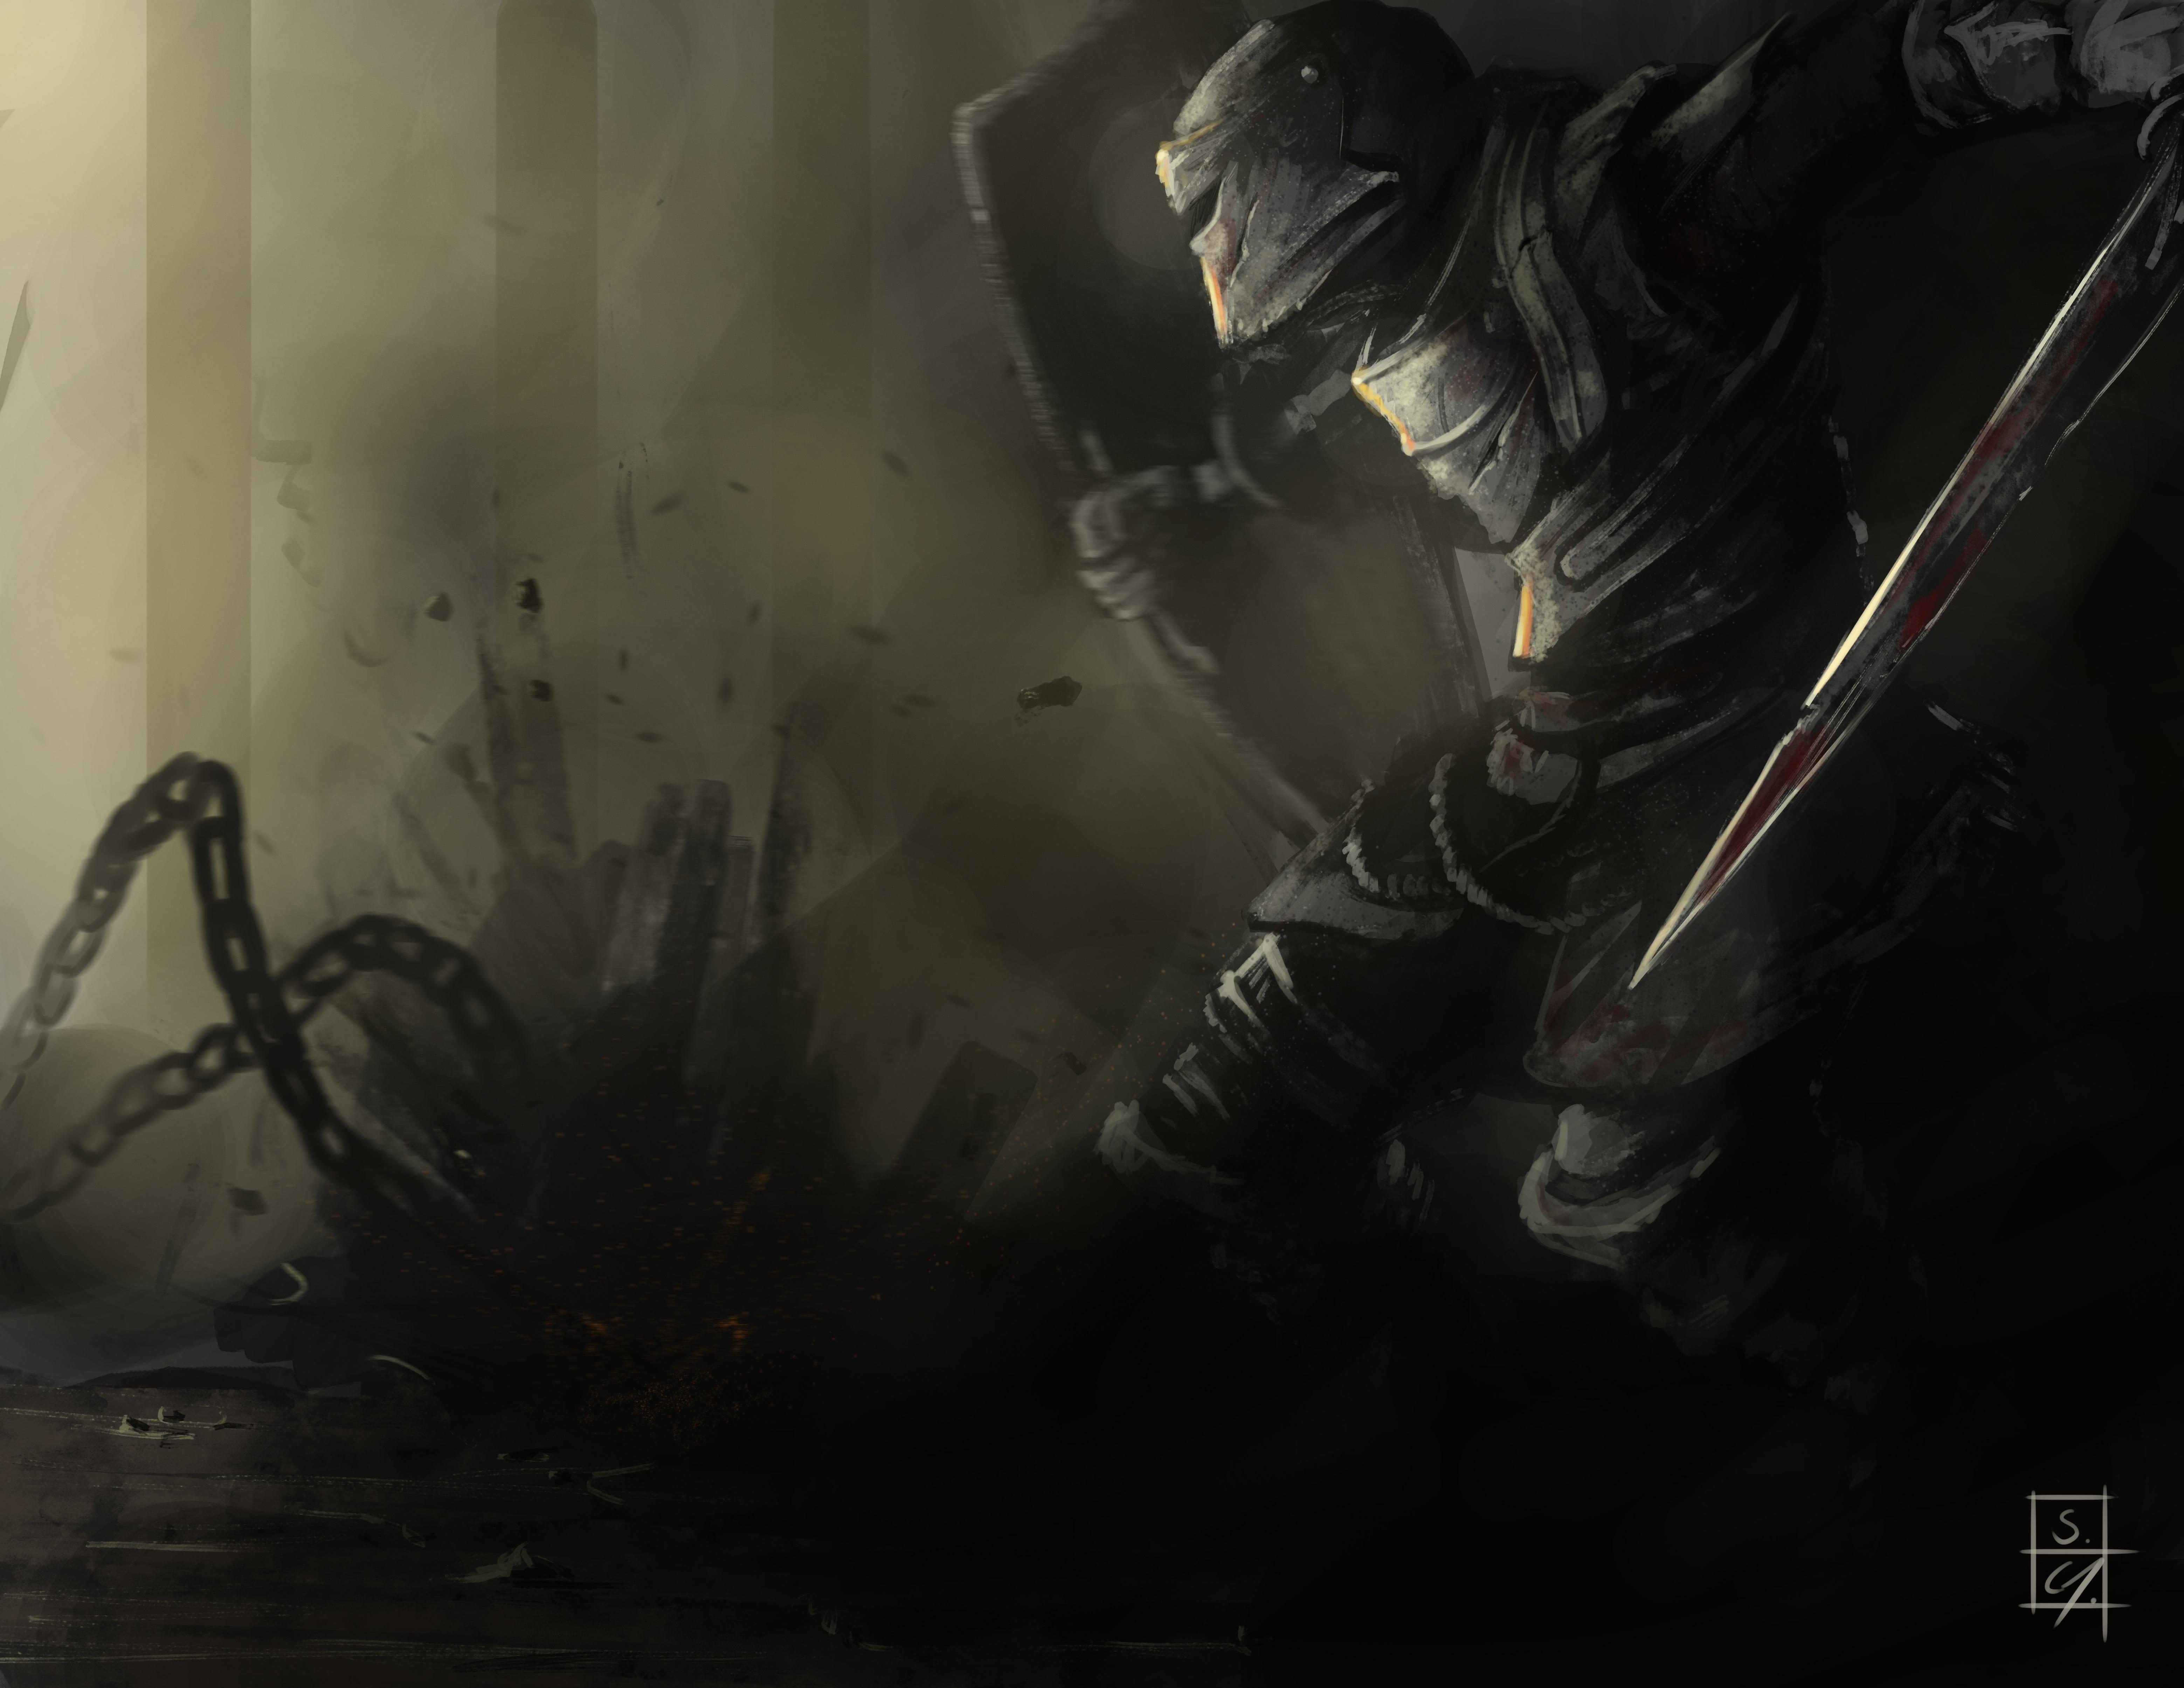 Dark Souls Fanart Artwoork Dark Souls Dark Souls Art Dark